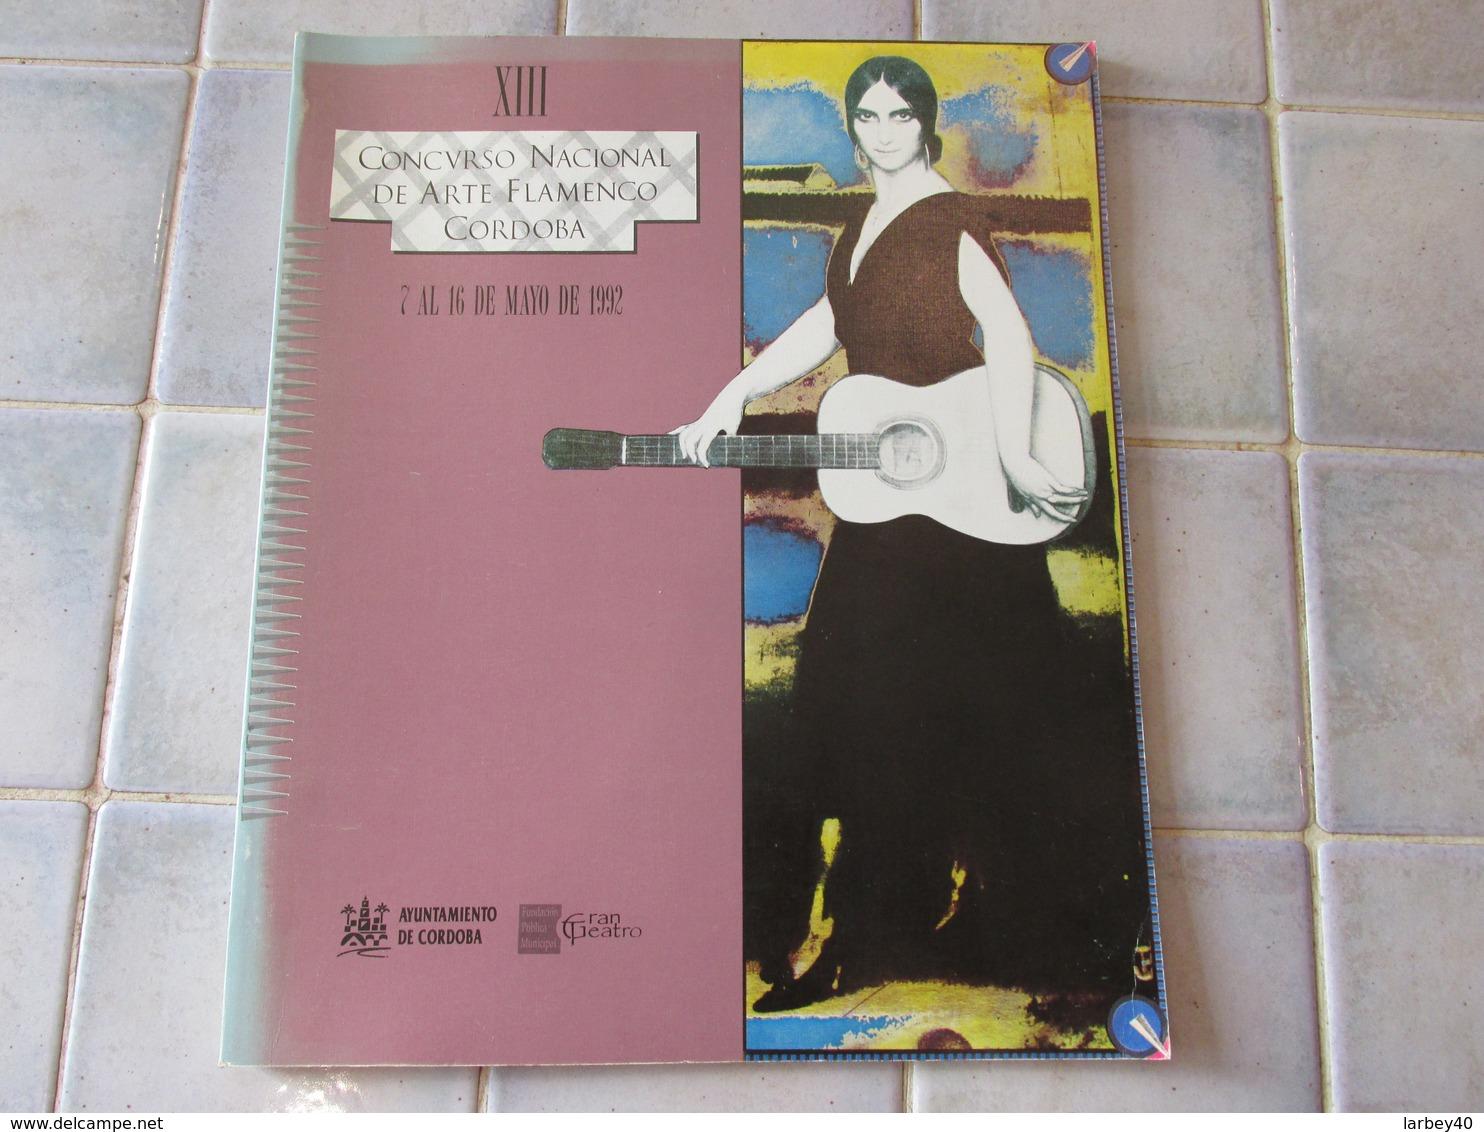 Concvrso Nacional De Arte Flamenco Cordoba 1992 - Cultural